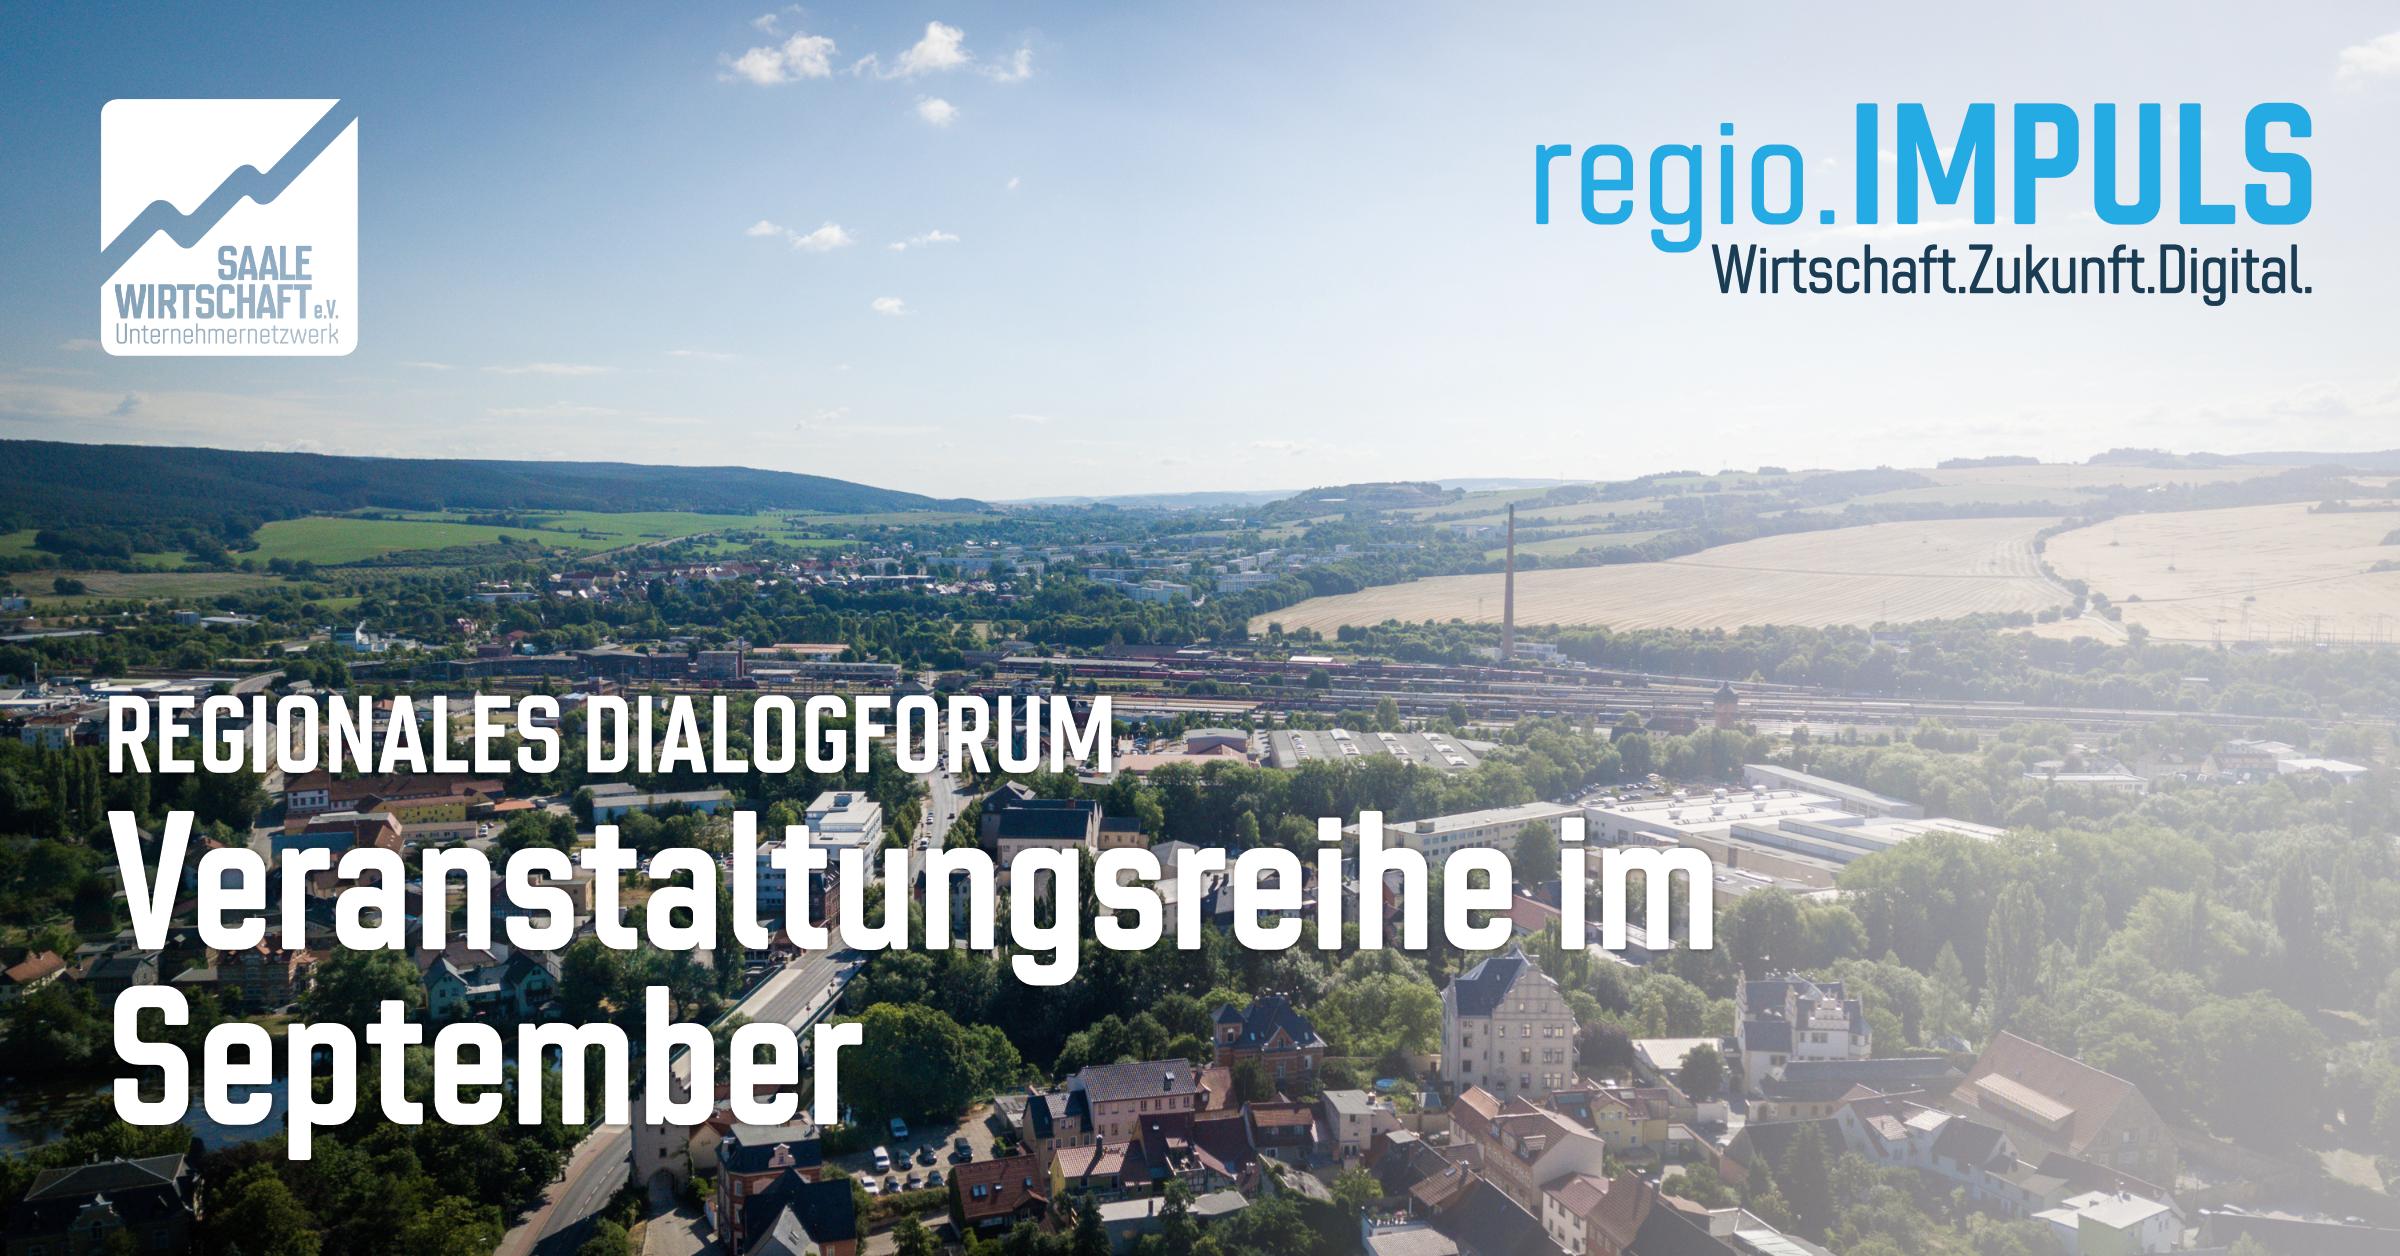 regio.IMPULS - Wirtschaft.Zukunft.Digital vom 13. bis 18. September 2021